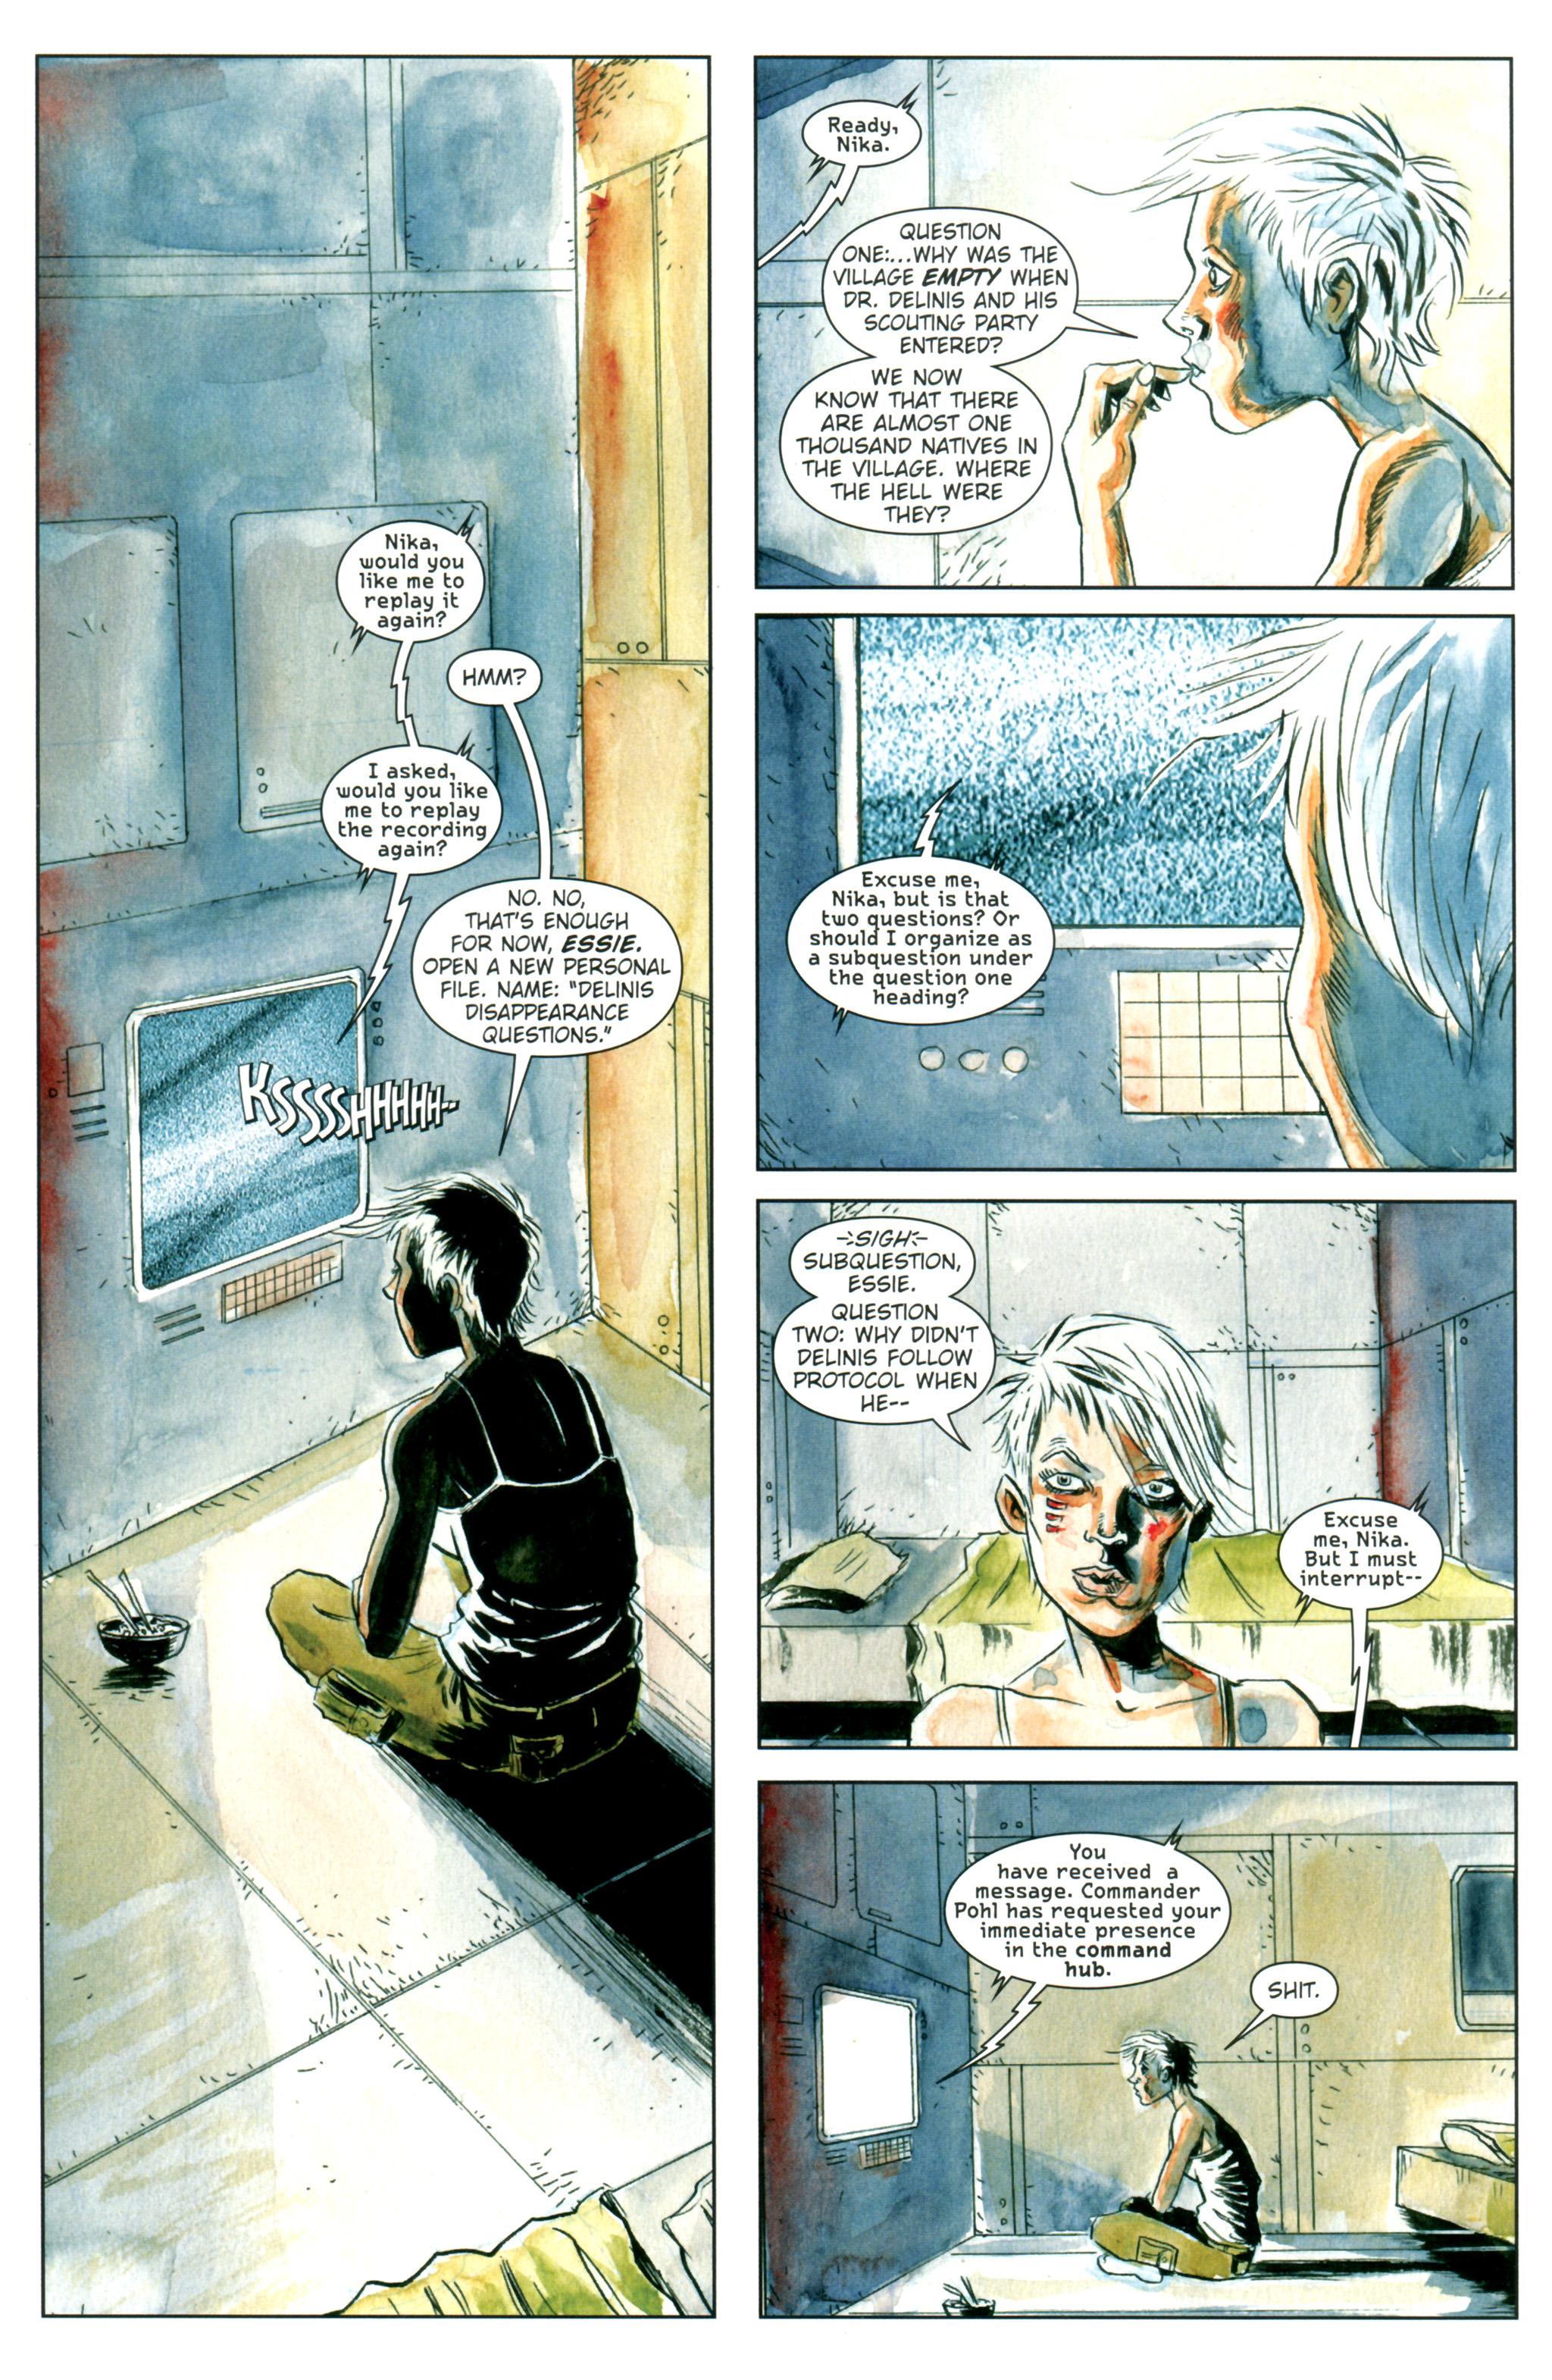 Read online Trillium comic -  Issue #1 - 18